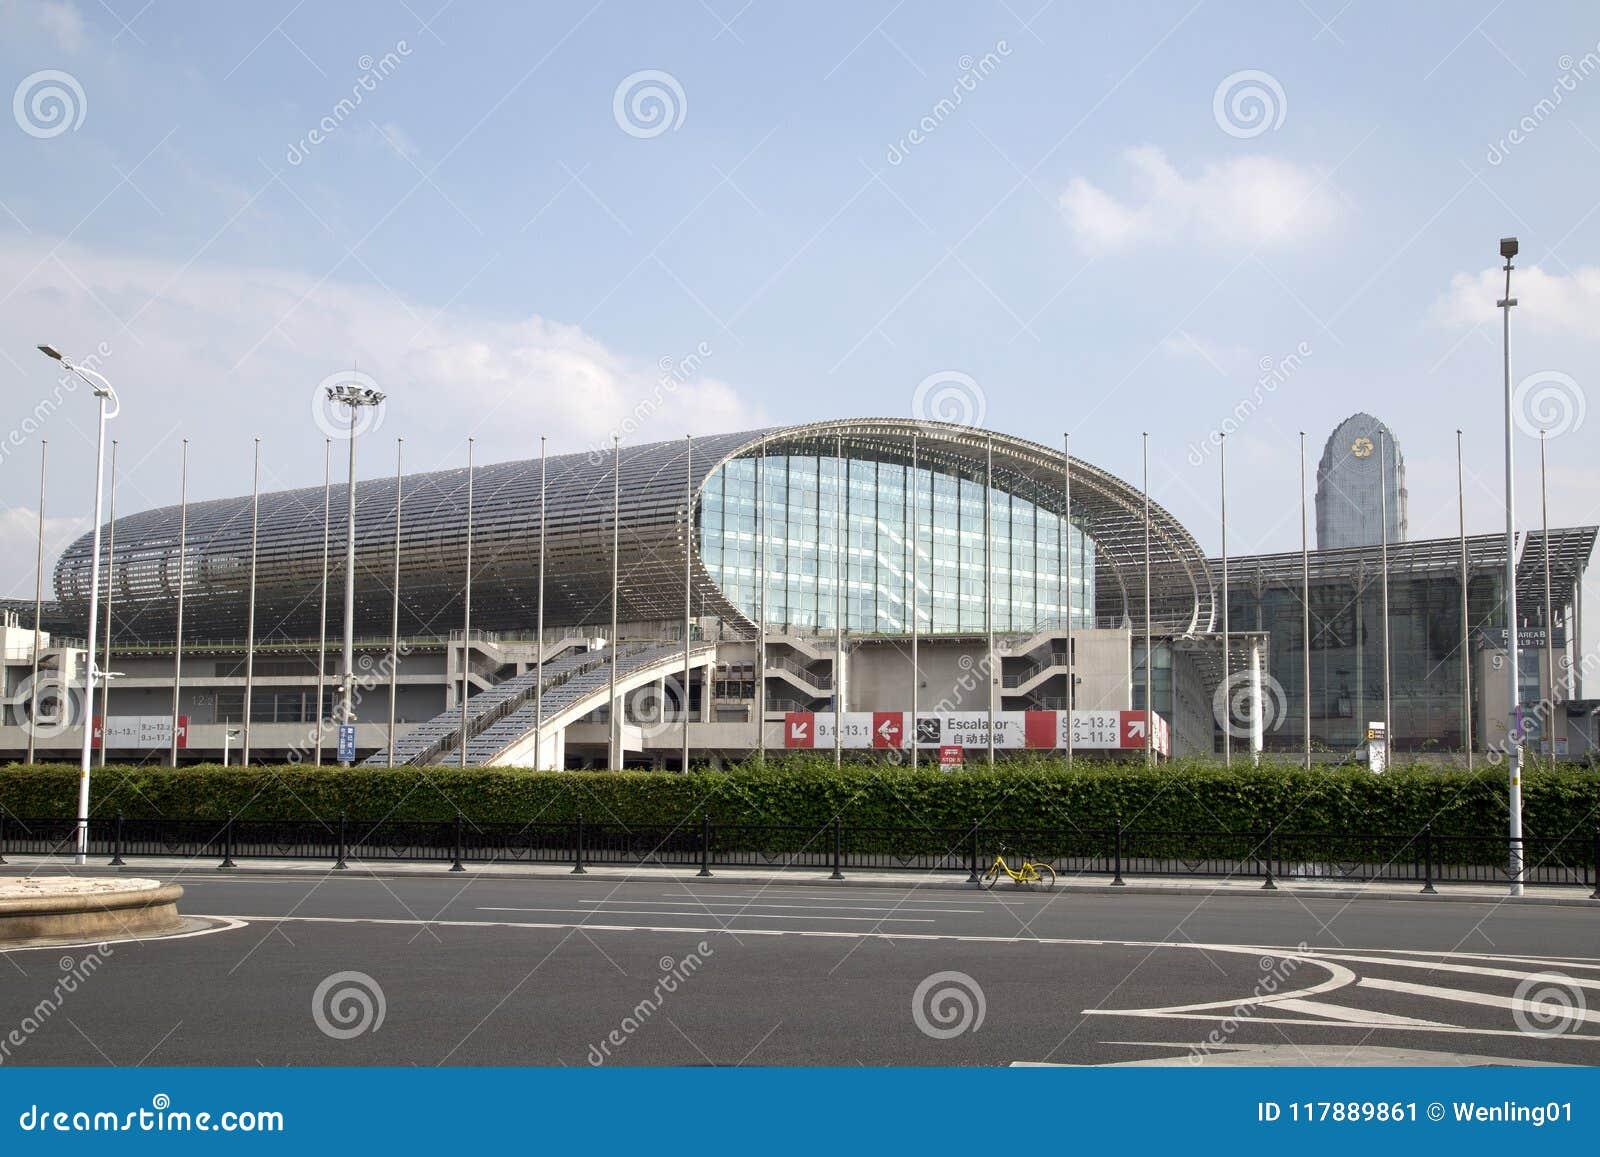 Guangzhou konwencja i powystawowy centrum